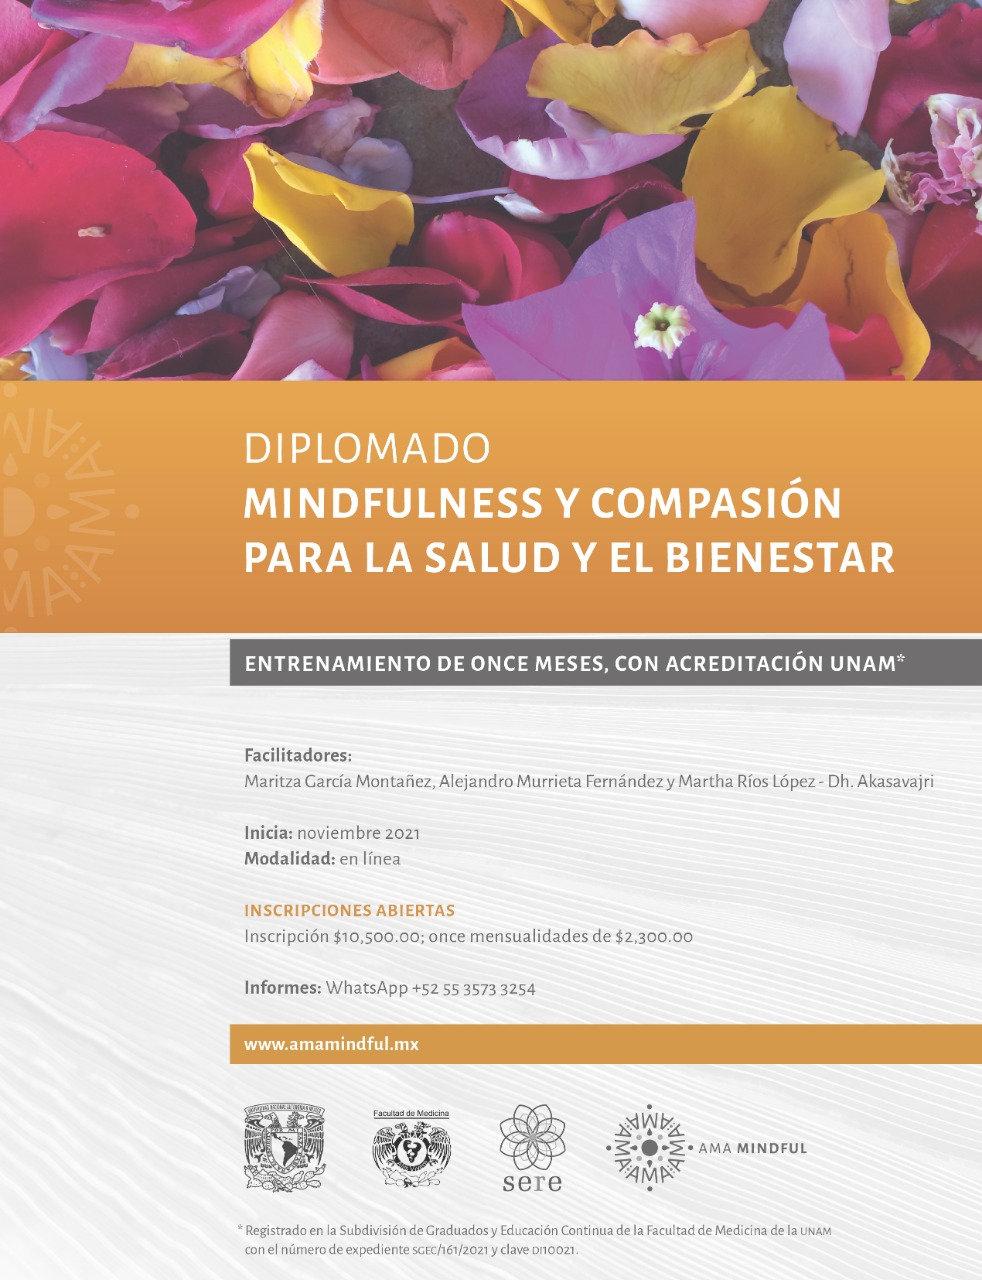 Diplomado Mindfulness y Compasión UNAM